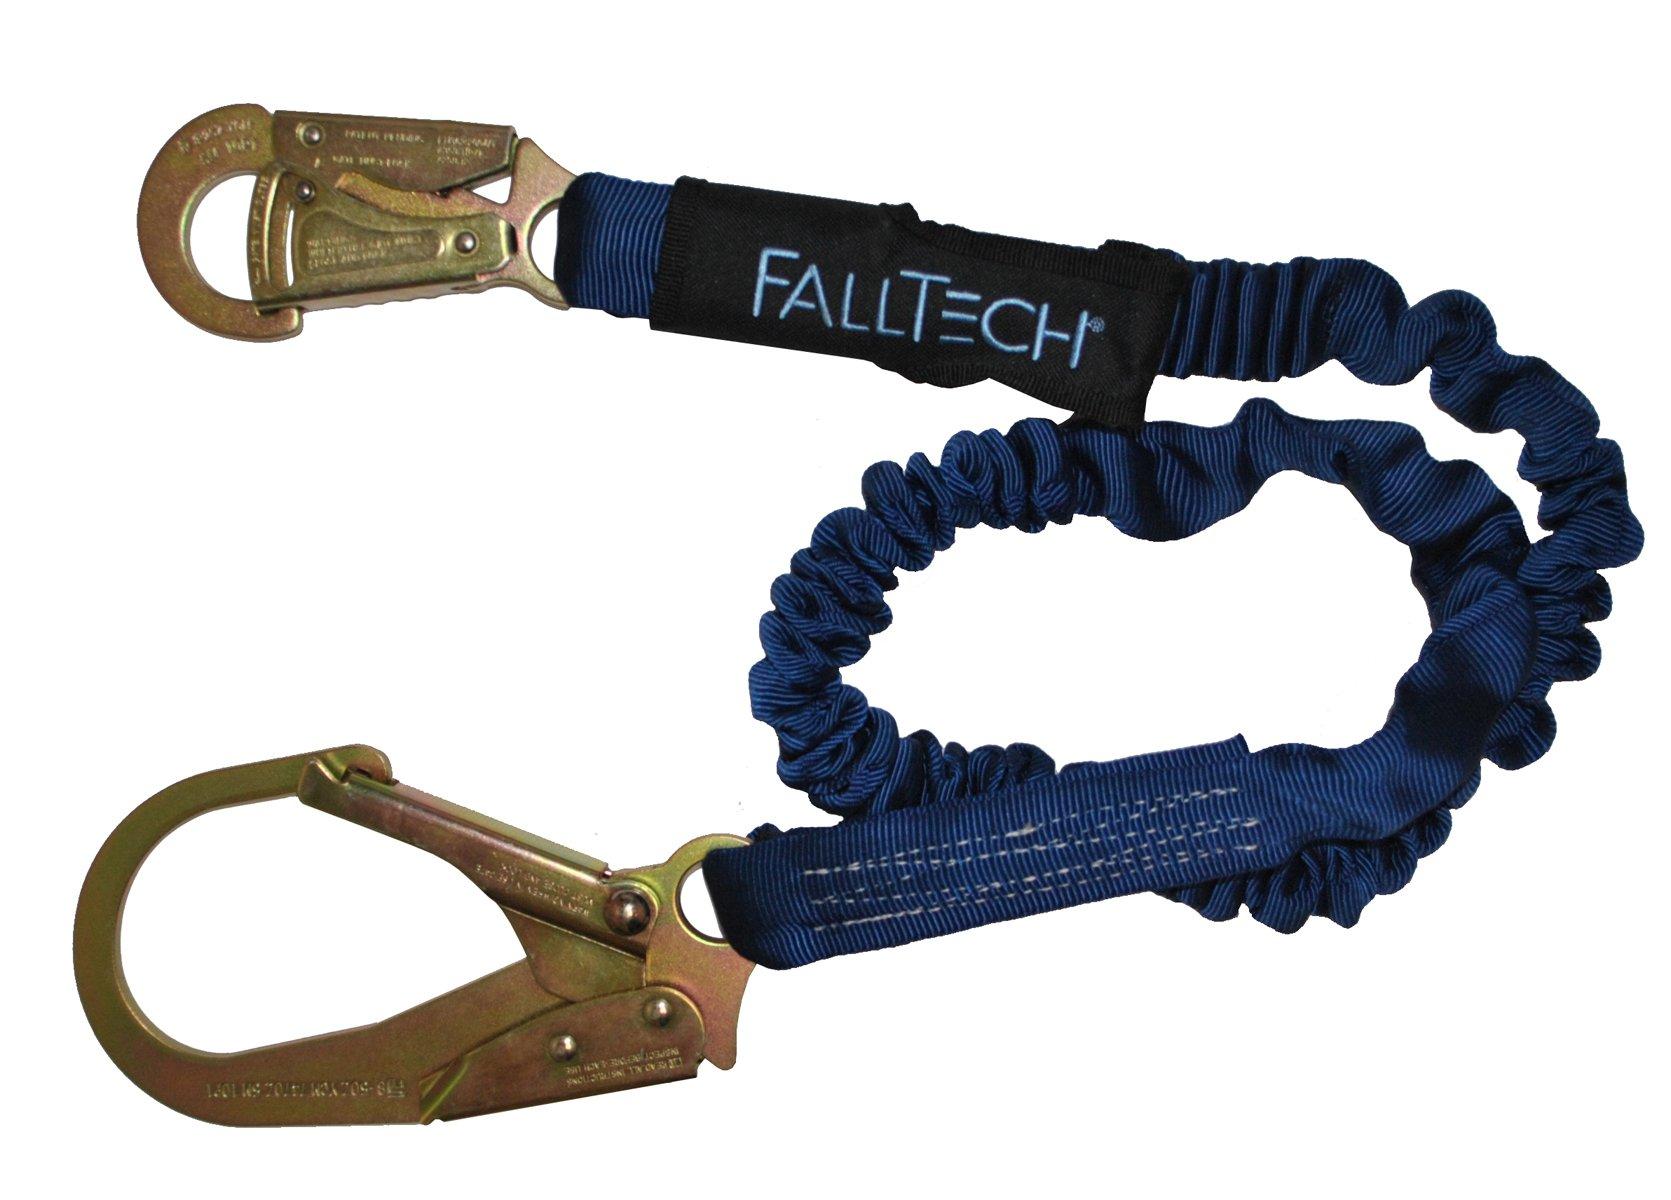 FallTech 82403 ElasTech 6-Foot Shock Absorbing Lanyard with Rebar Hook by FallTech